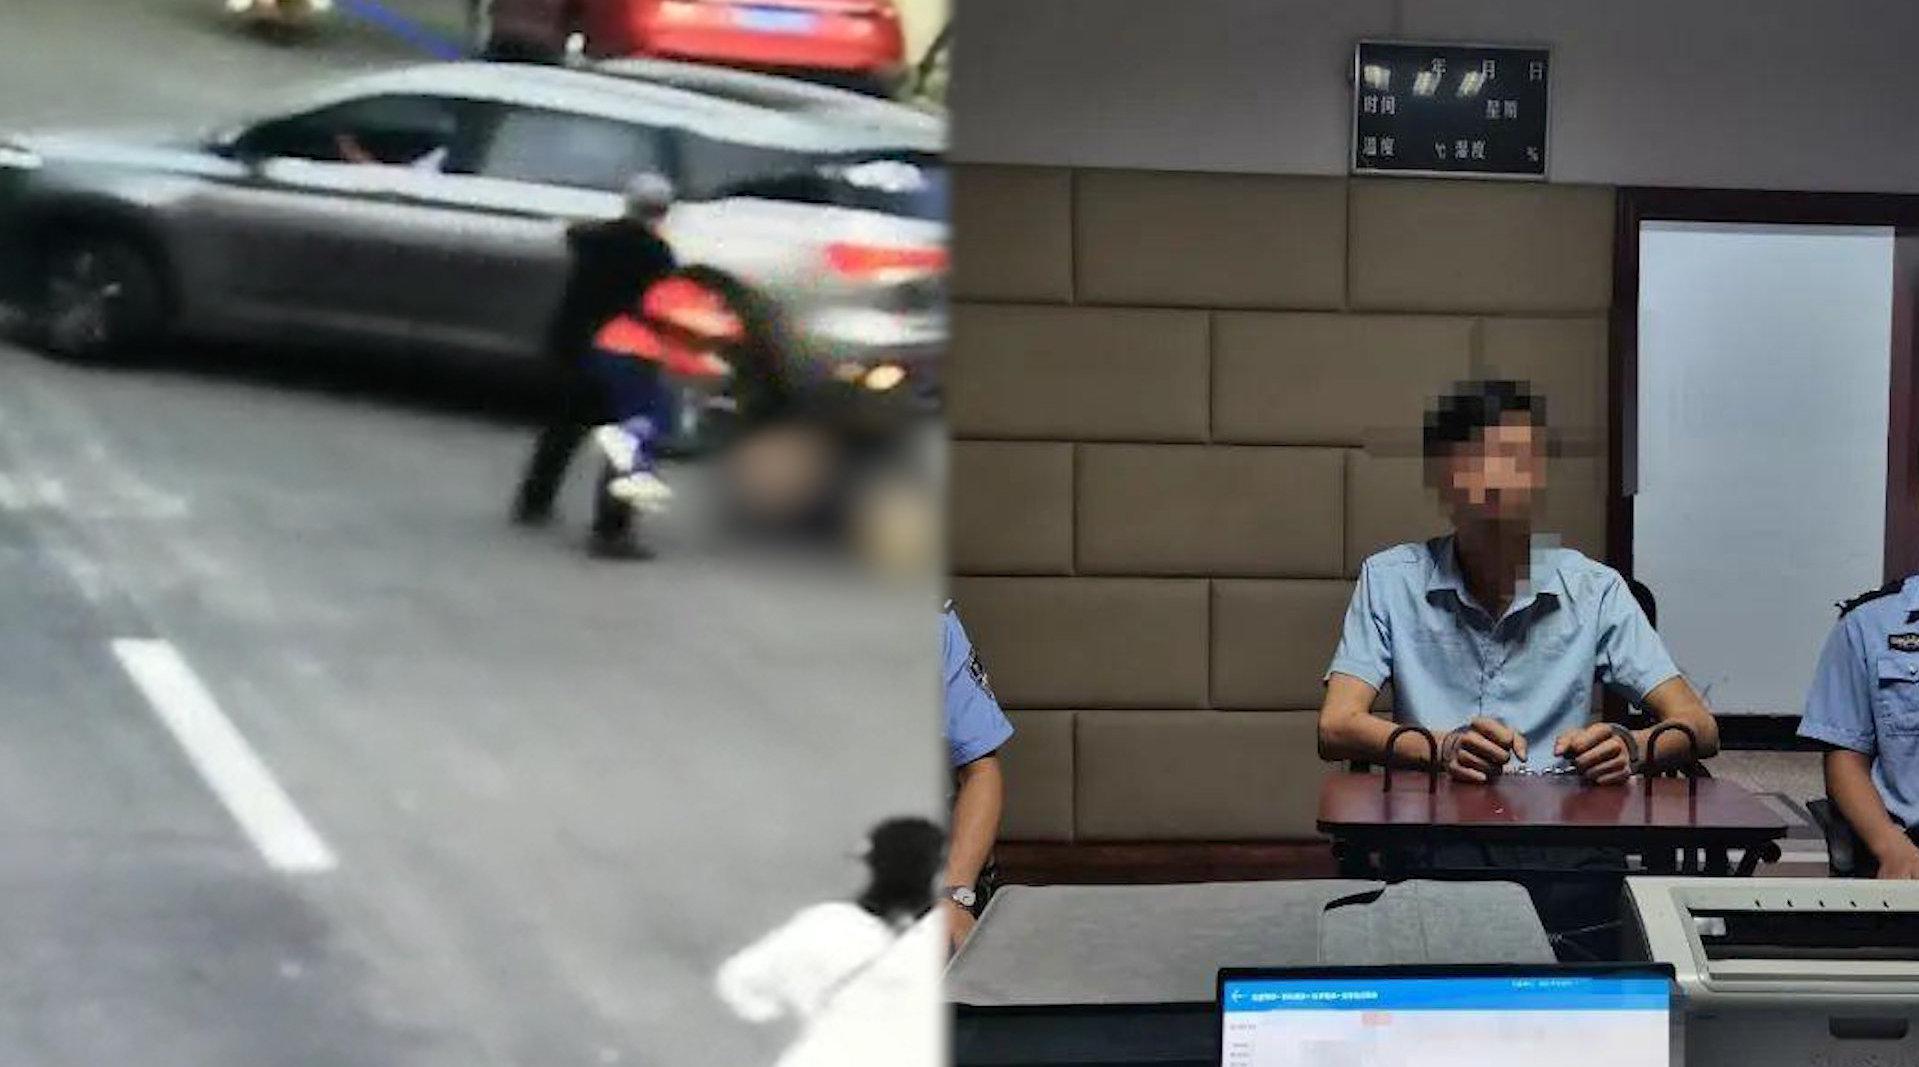 画面曝光!邯郸女子被前男友驾车撞倒碾压 警方通报嫌犯已被抓获